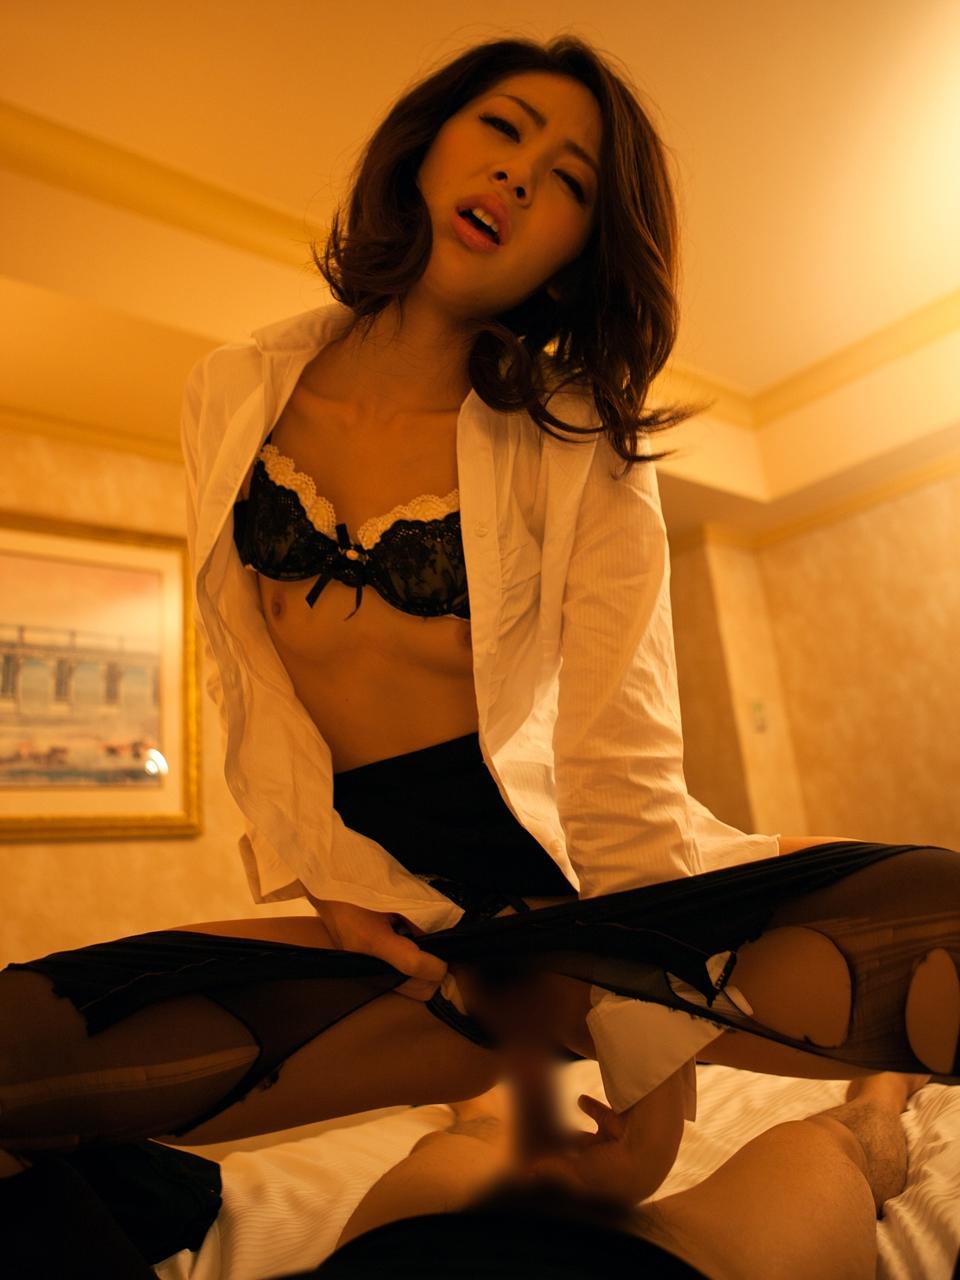 魅力のOLがバック体位で社内着衣レイプのエロ画像8枚目